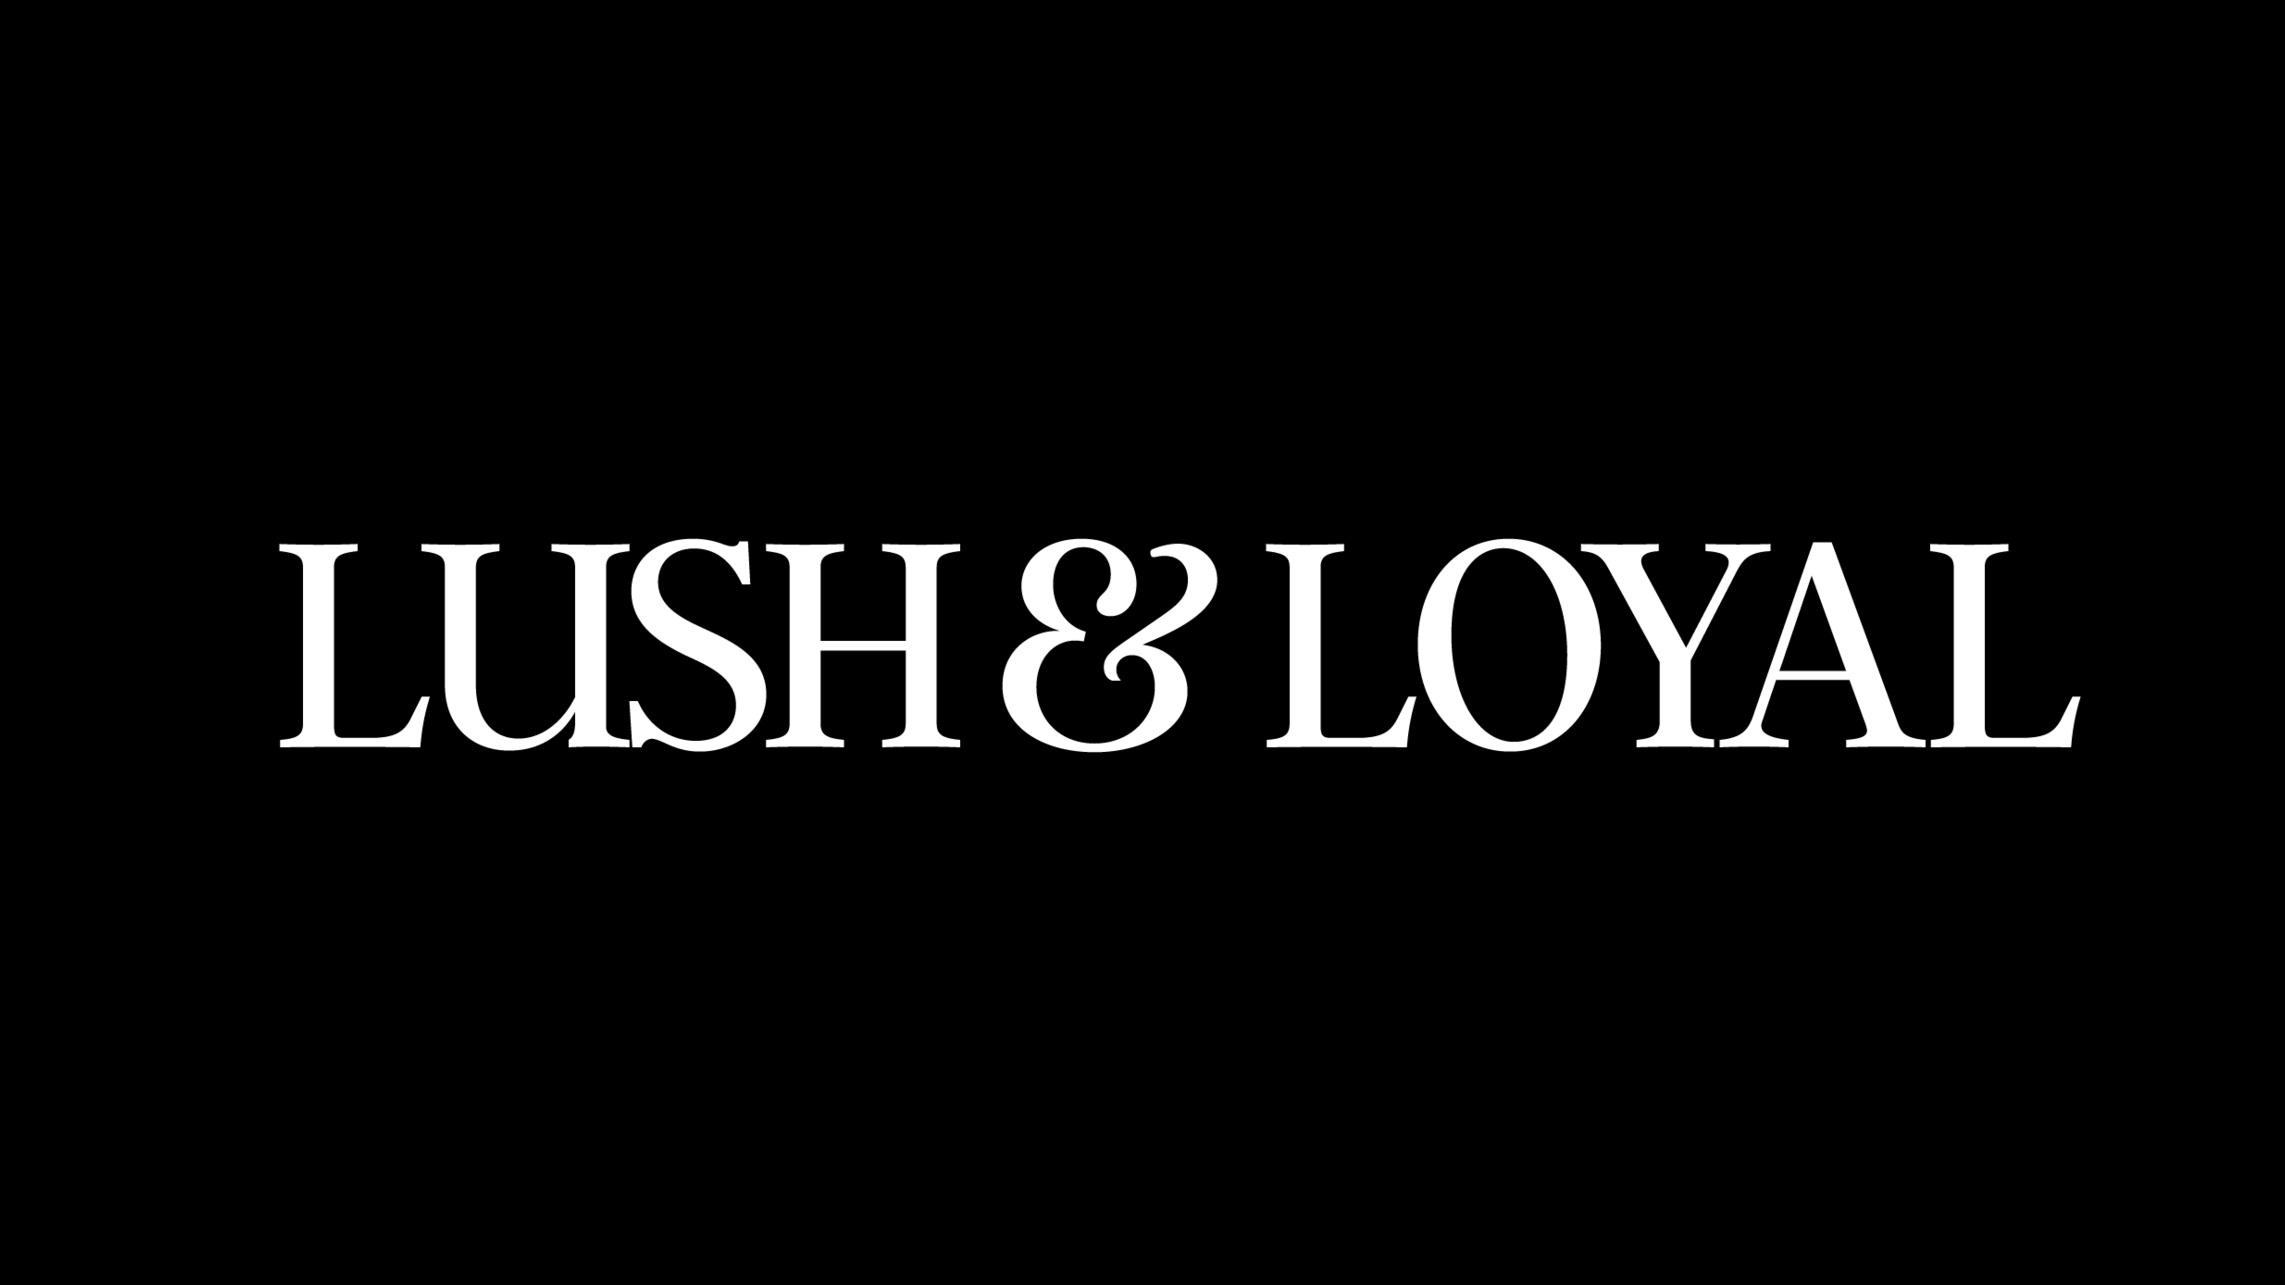 Lush & Loyal Branding 2018, by Jj Mendez